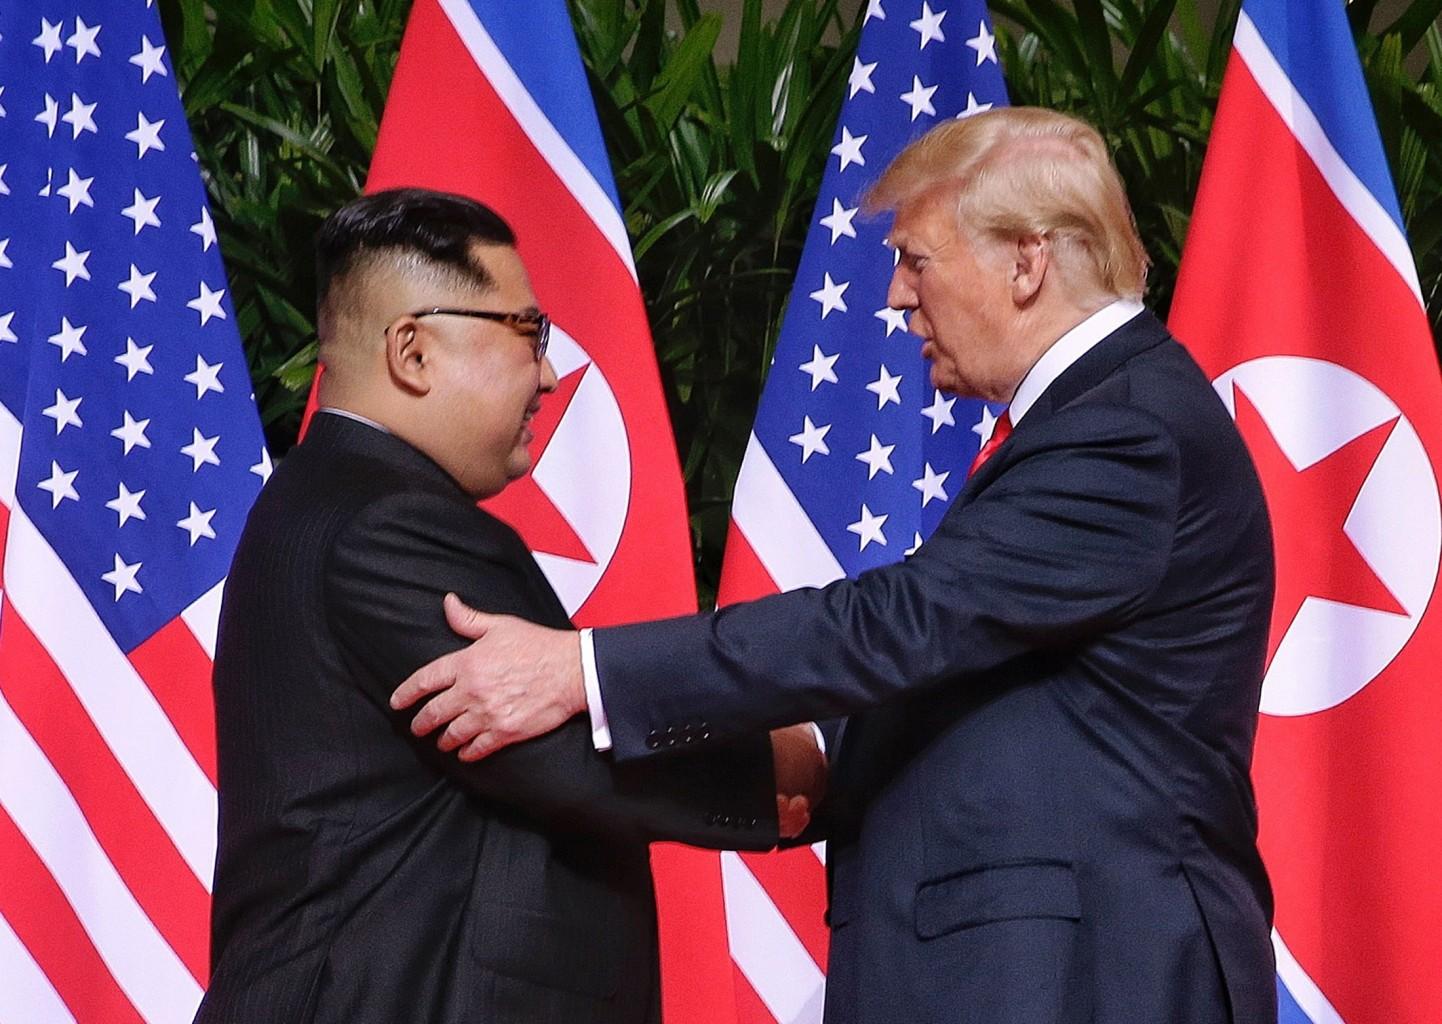 Estados Unidos e Coreia do Norte retomam negociações sobre desnuclearização - Trump